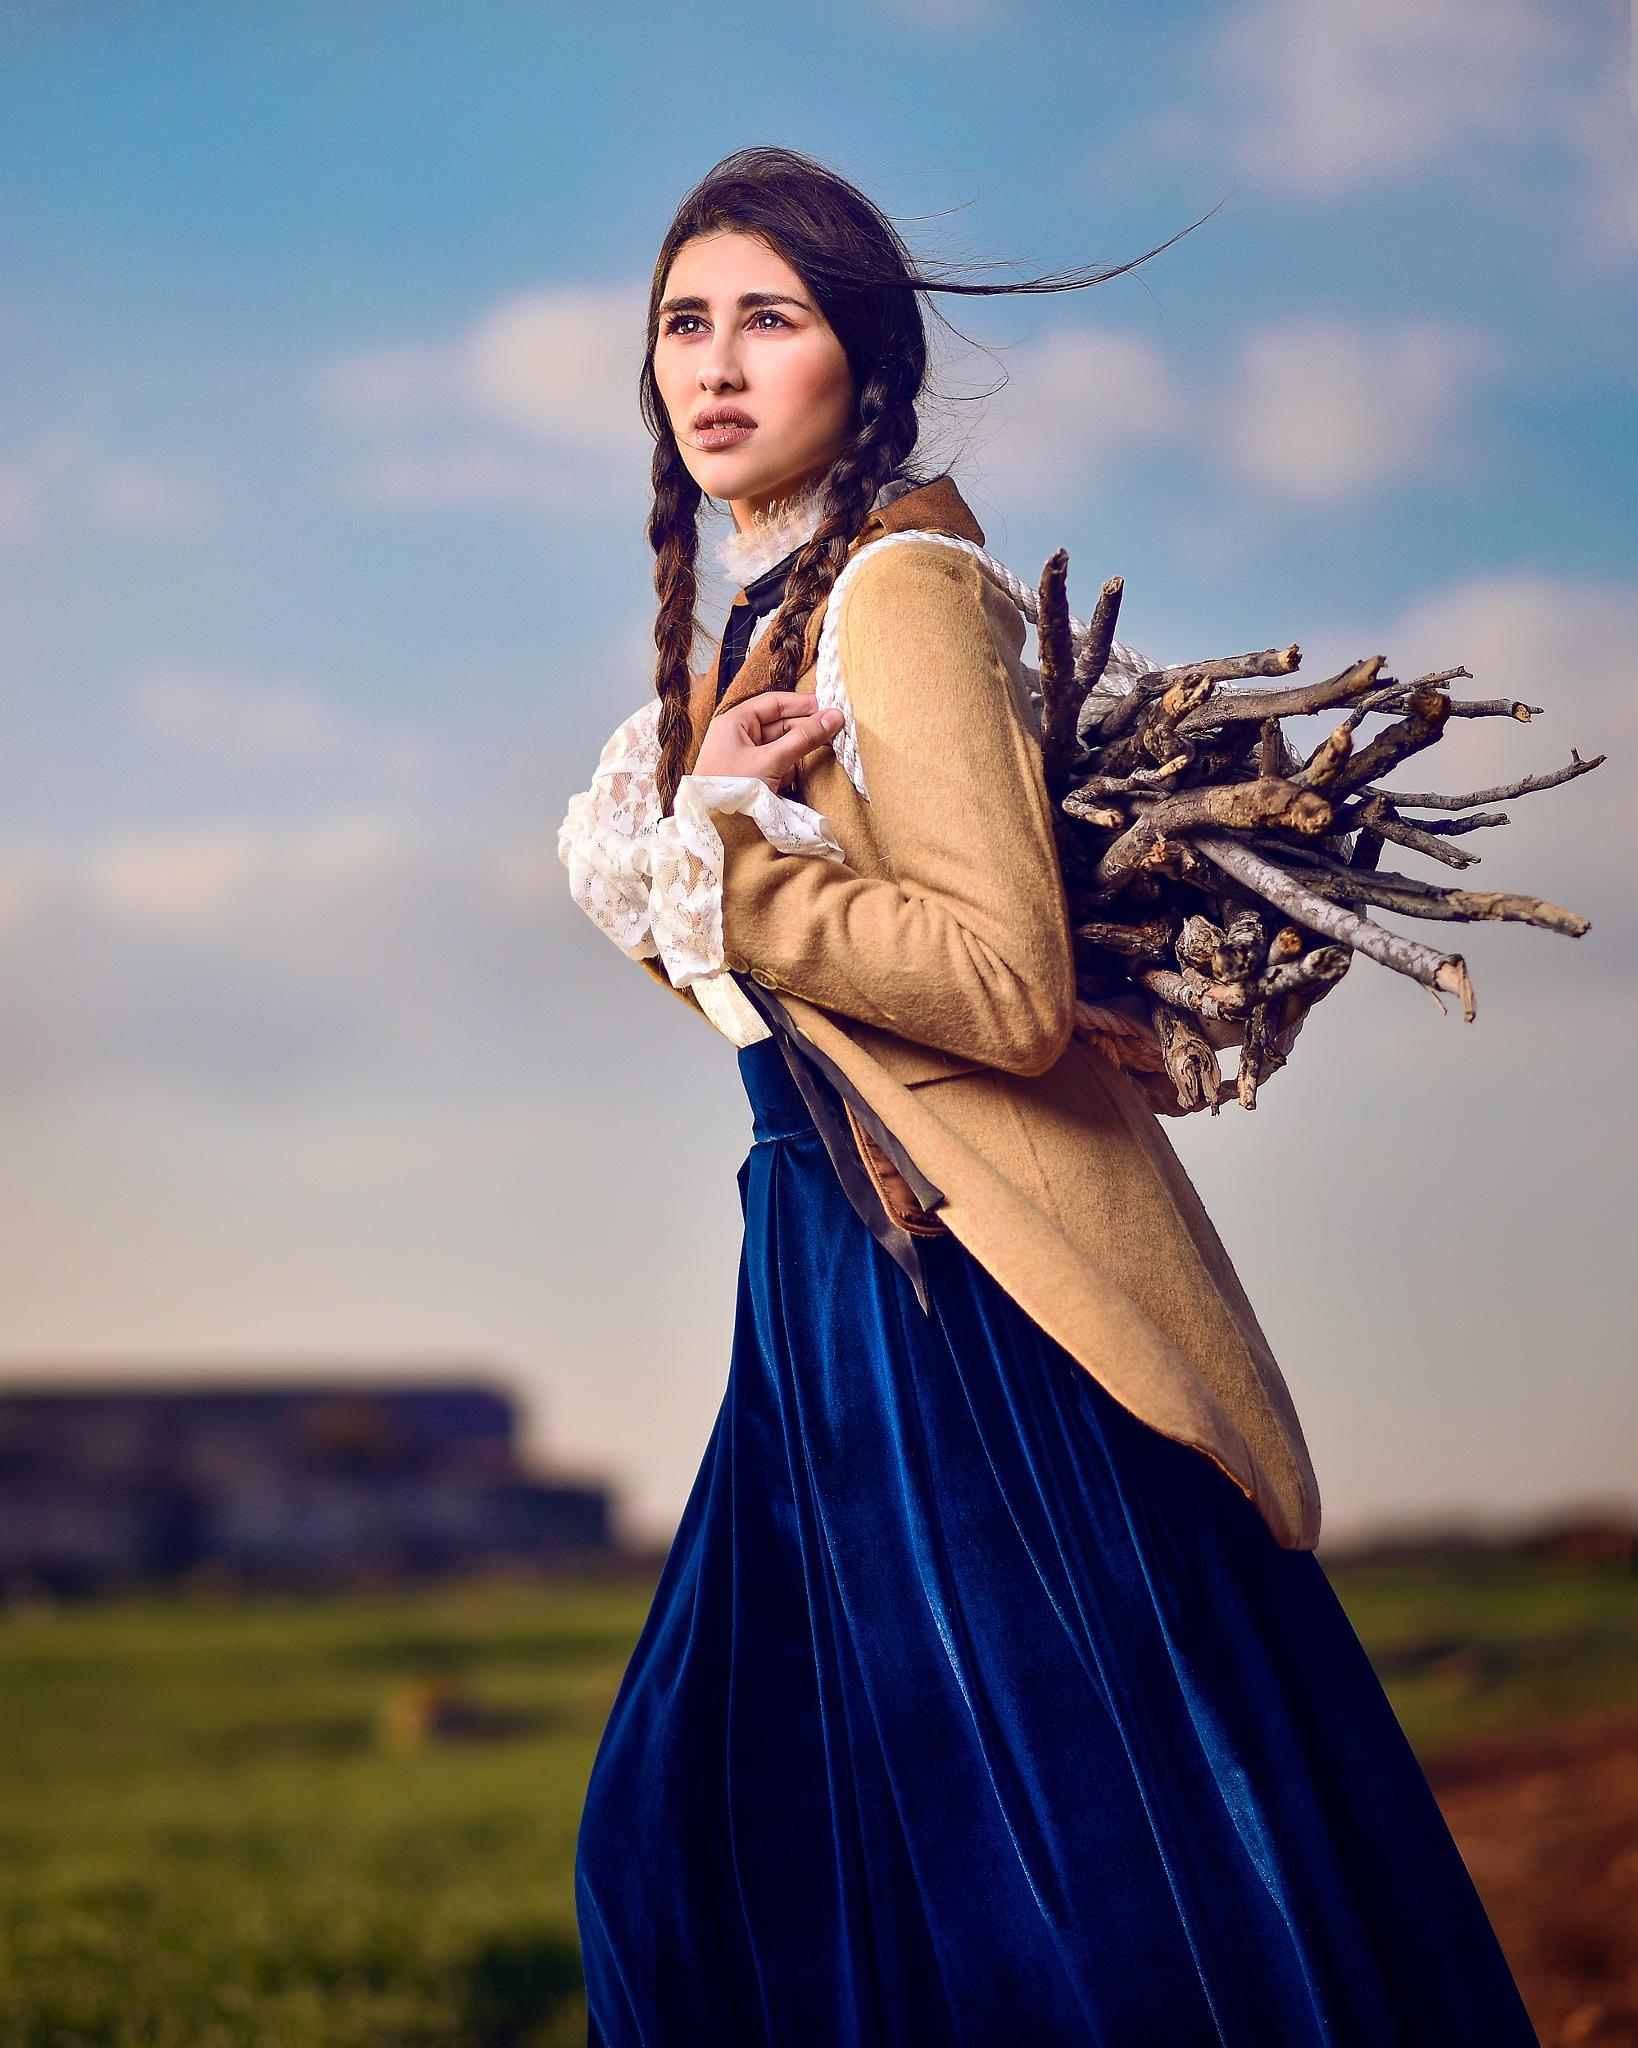 The Farmer's Daughter by eparaskeva